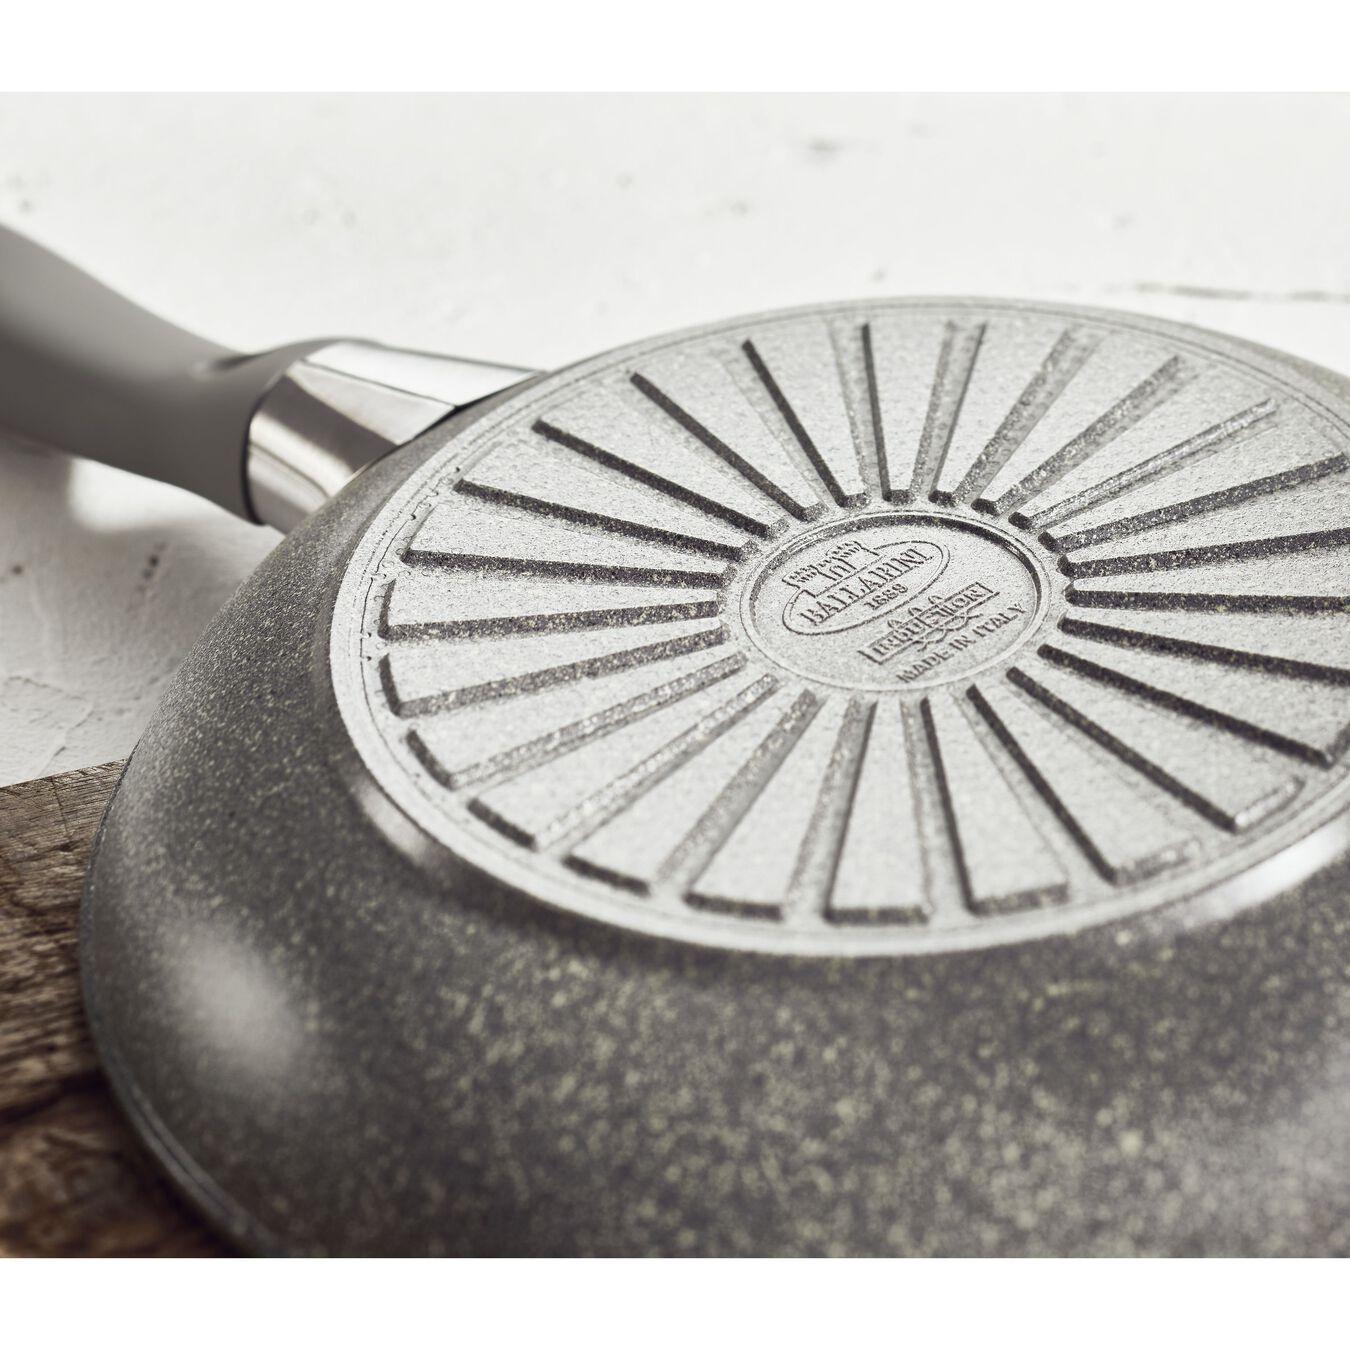 Padella - 28 cm, alluminio, Granitium Extreme,,large 4